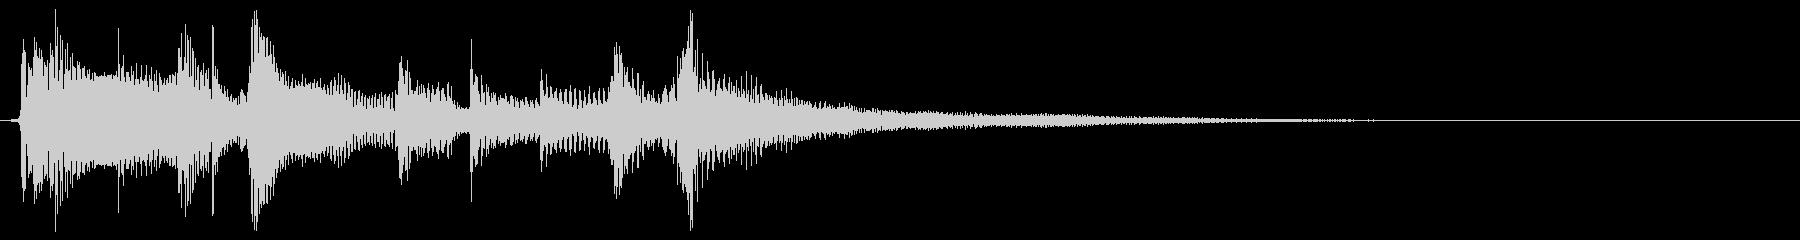 場面転換/アコースティックギターの未再生の波形